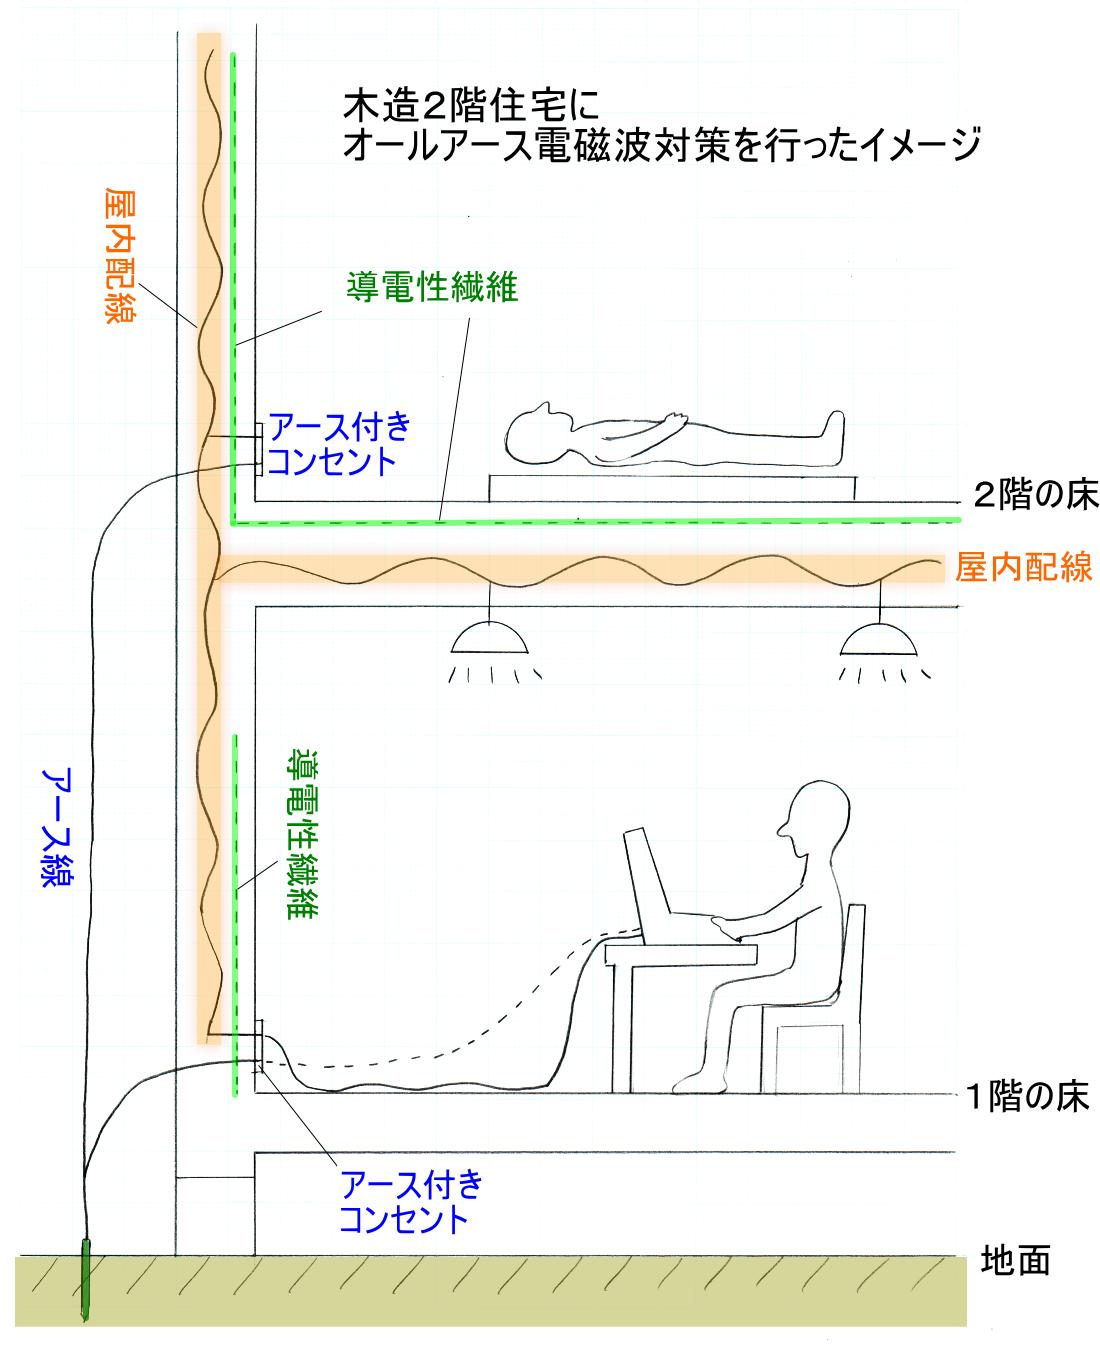 木造2階住宅にオールアース電磁波対策を行ったイメージ